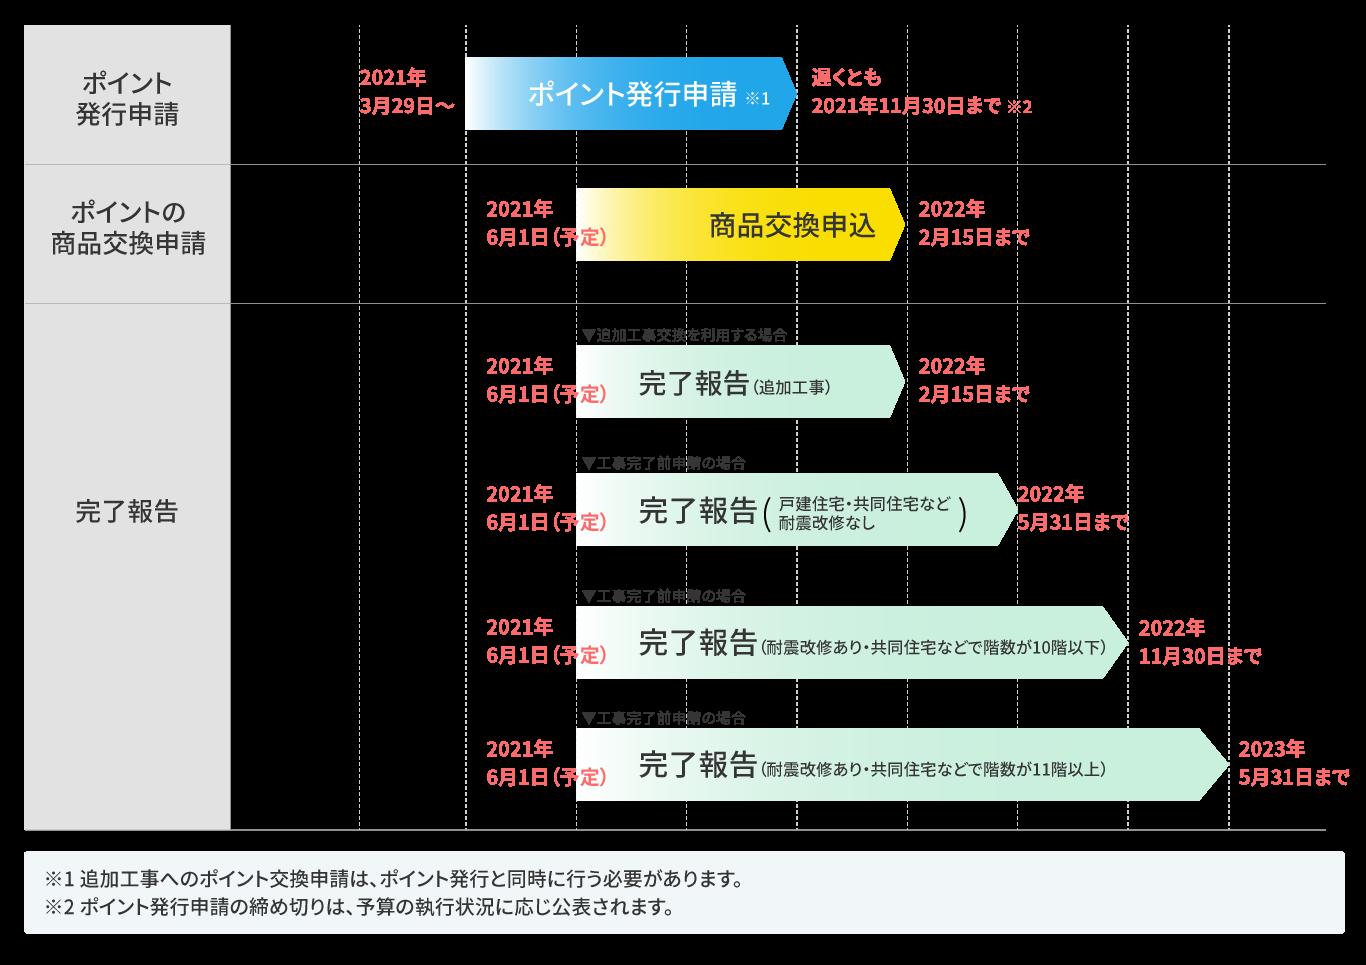 リフォームの「工事後」のポイント発行申請の場合の図